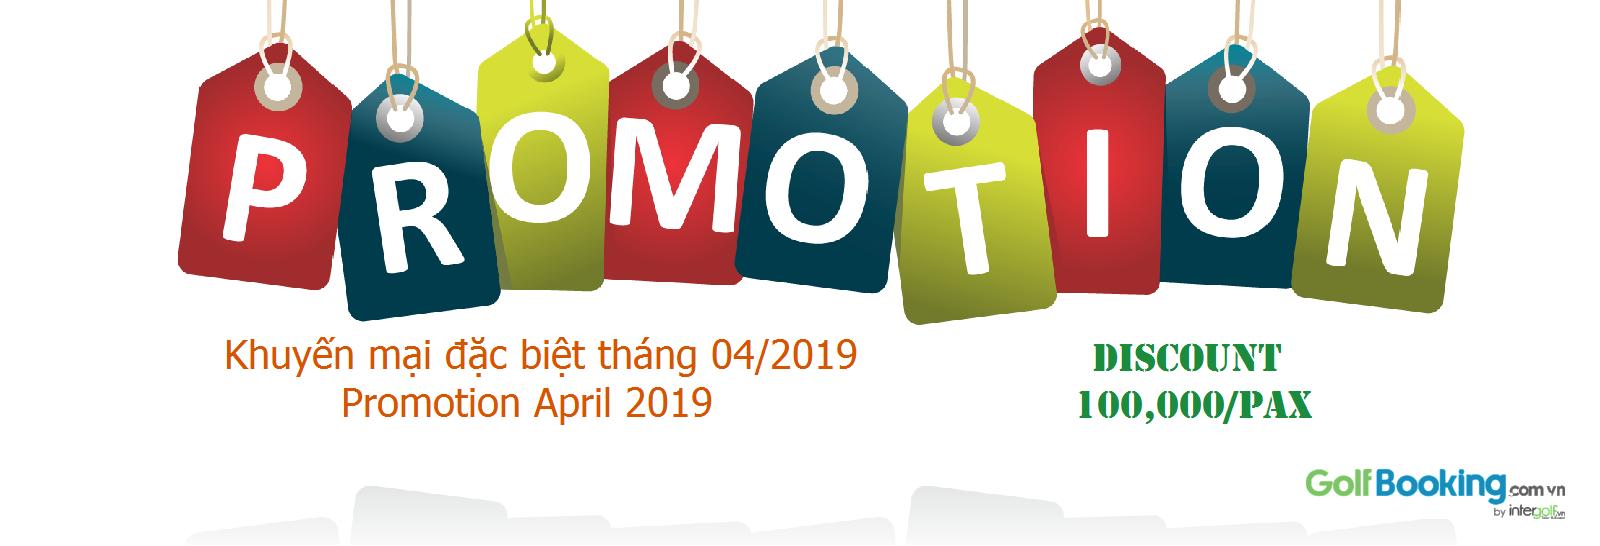 Siêu khuyến mại booking golf tháng 04/2019